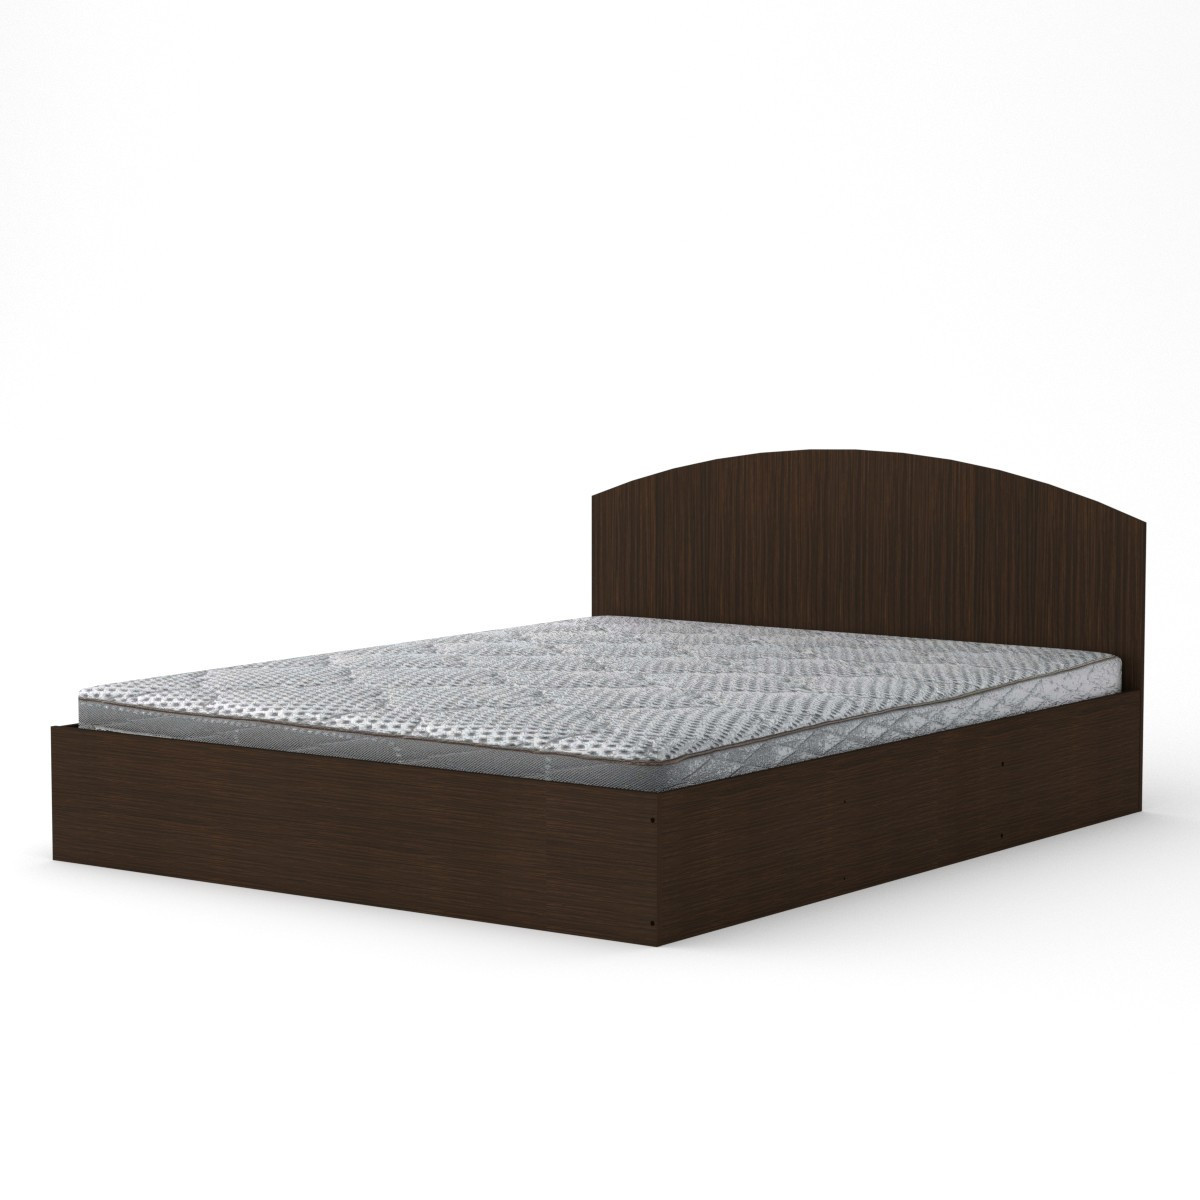 Кровать 160 венге темный Компанит (164х204х75 см)